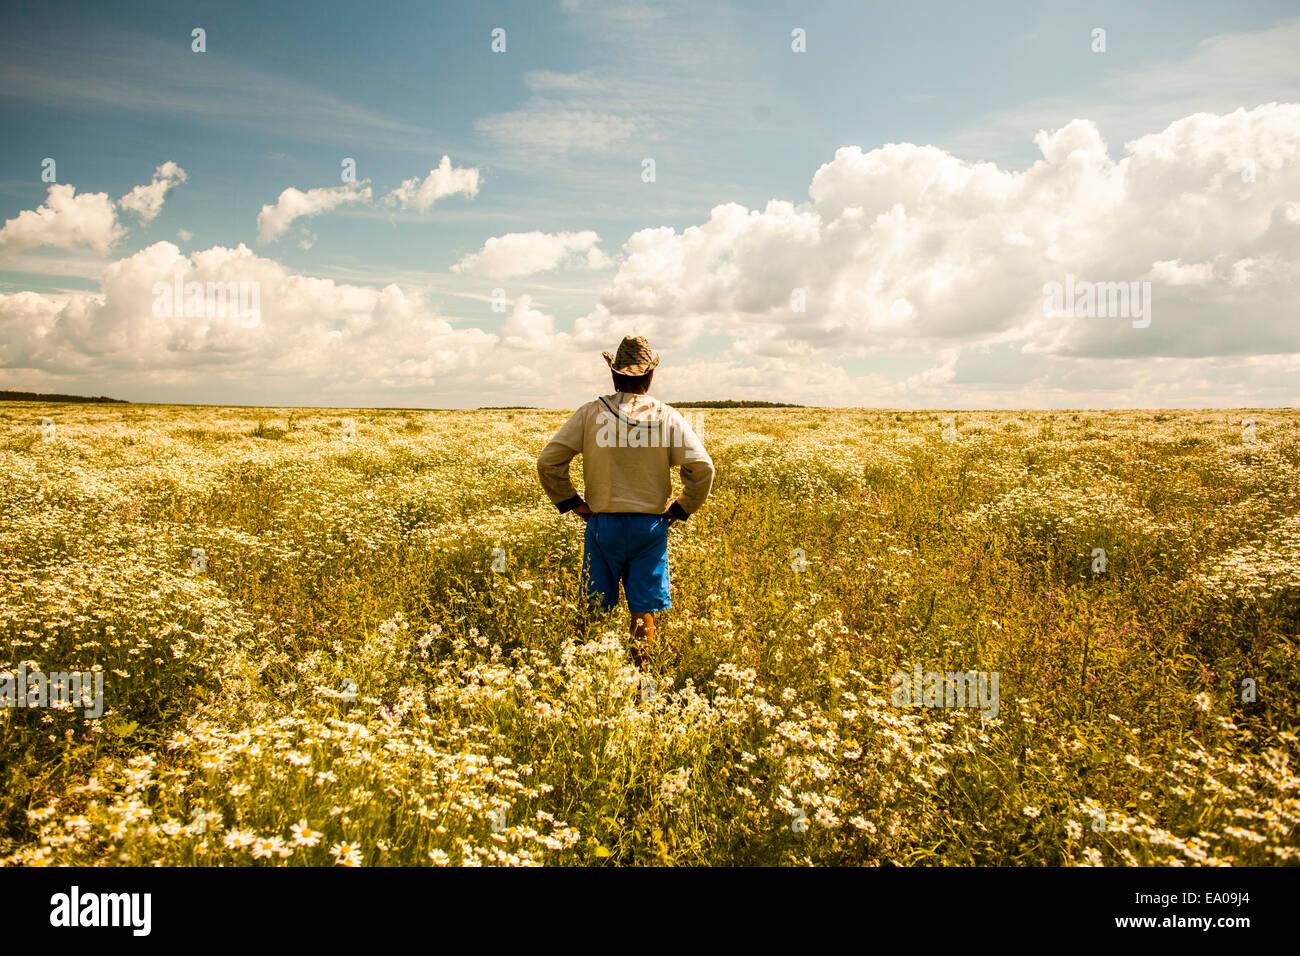 L'uomo sul campo di fiori selvatici, Sarsy villaggio, nella regione di Sverdlovsk, Russia Immagini Stock